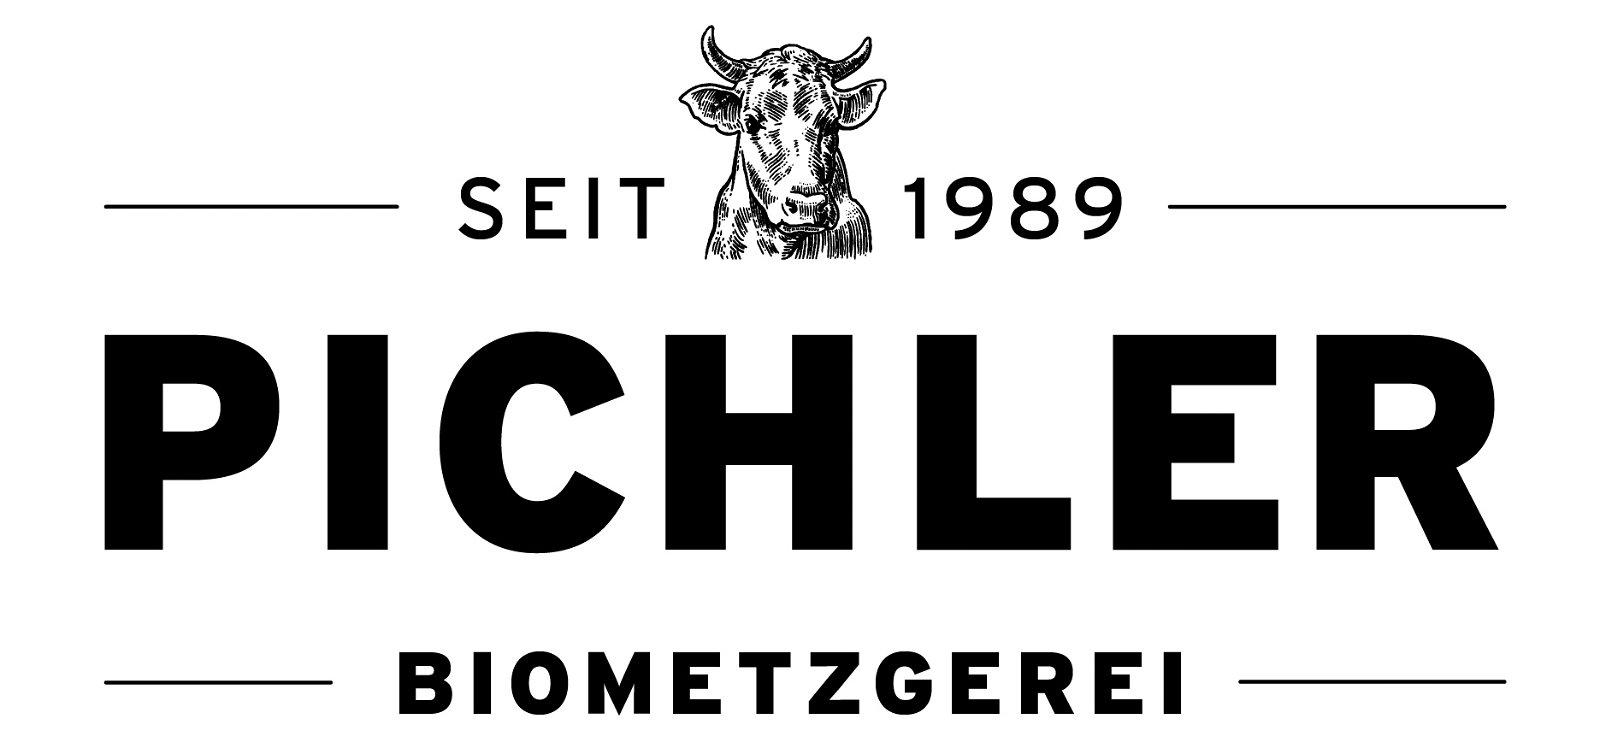 Pichler Biofleisch